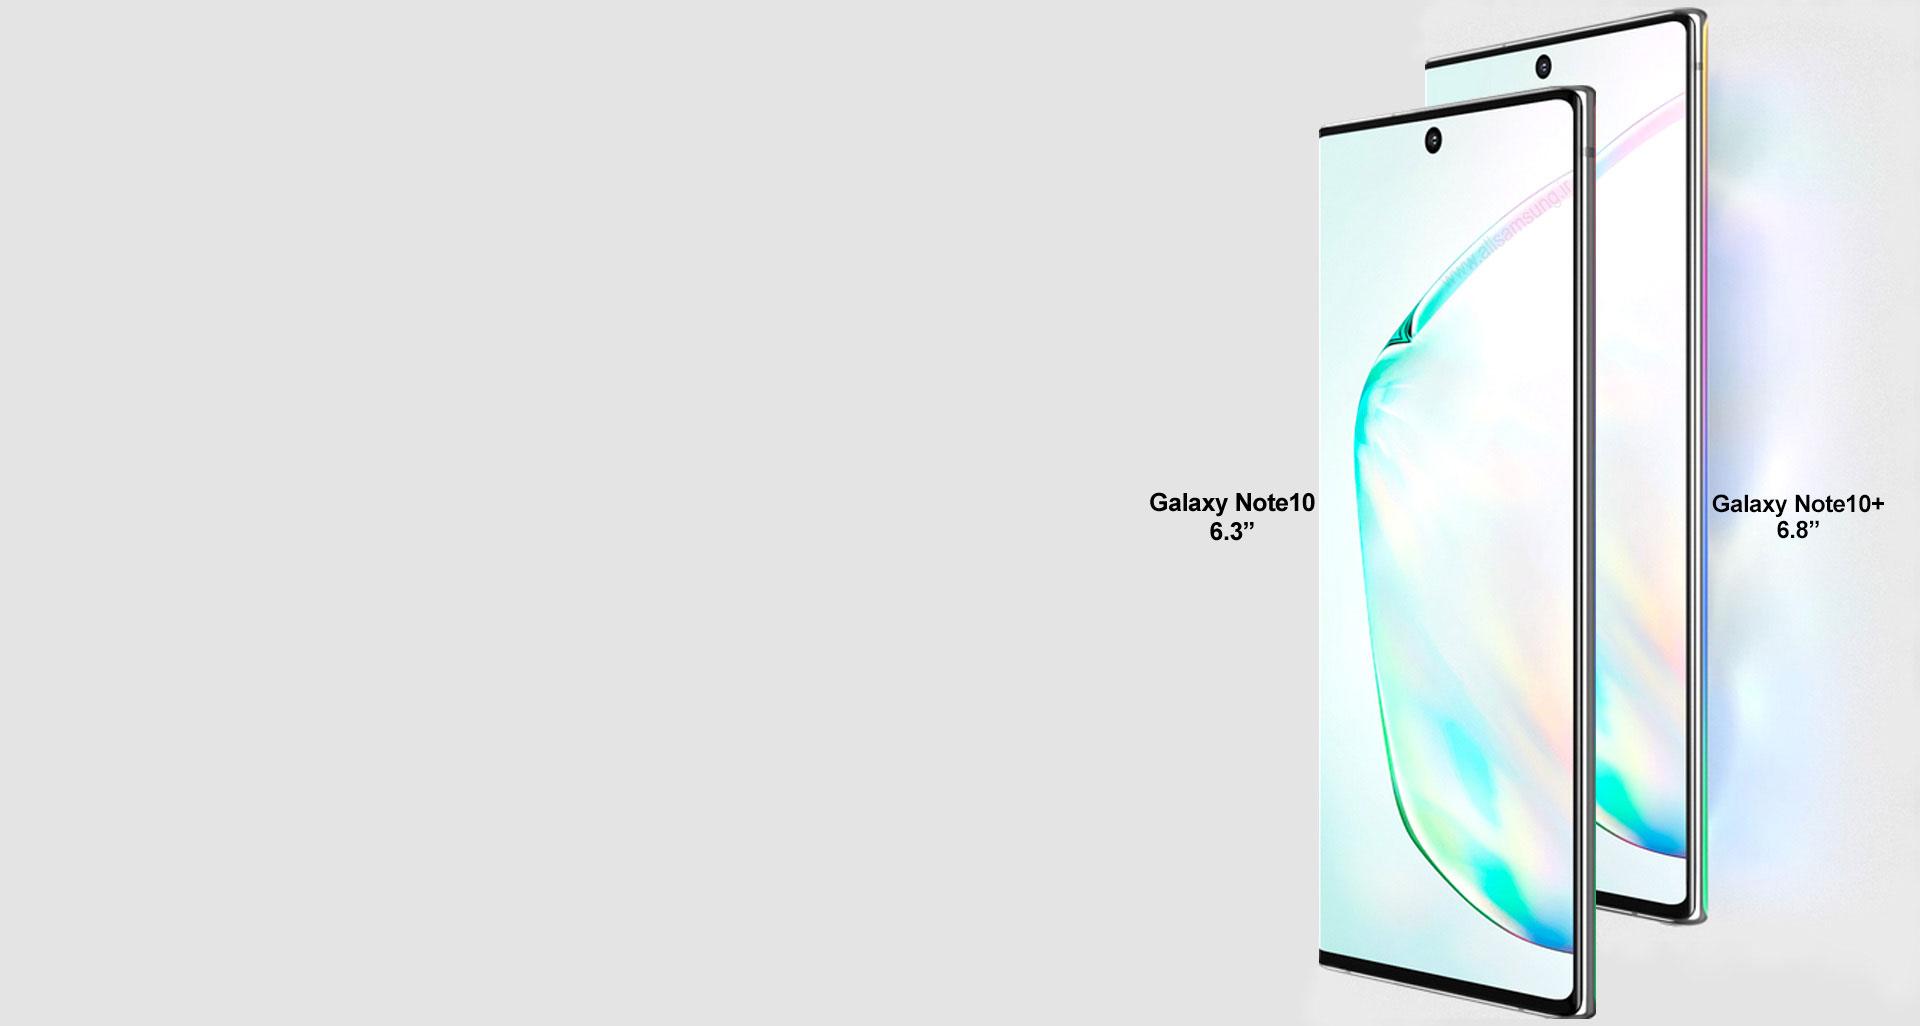 گلکسی نوت 10 با صفحه نمایش 6.3 اینچی